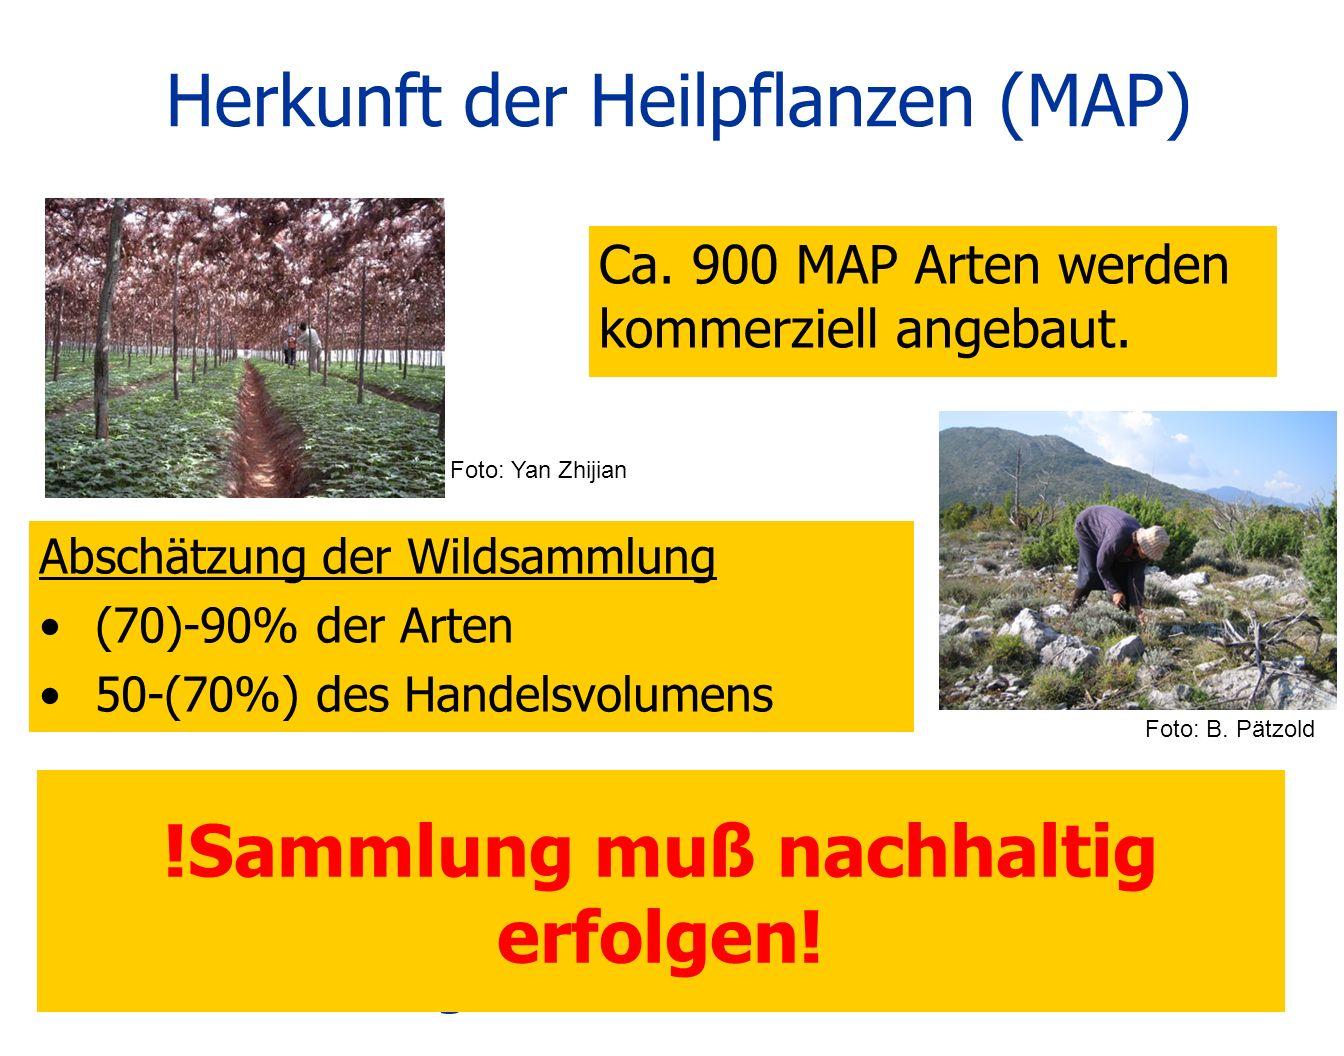 Die meisten MAP-Arten werden derzeit – und auch in Zukunft – wild gesammelt! Anbau kann nicht die Hauptlösung für Übersammlung sein! Ca. 900 MAP Arten